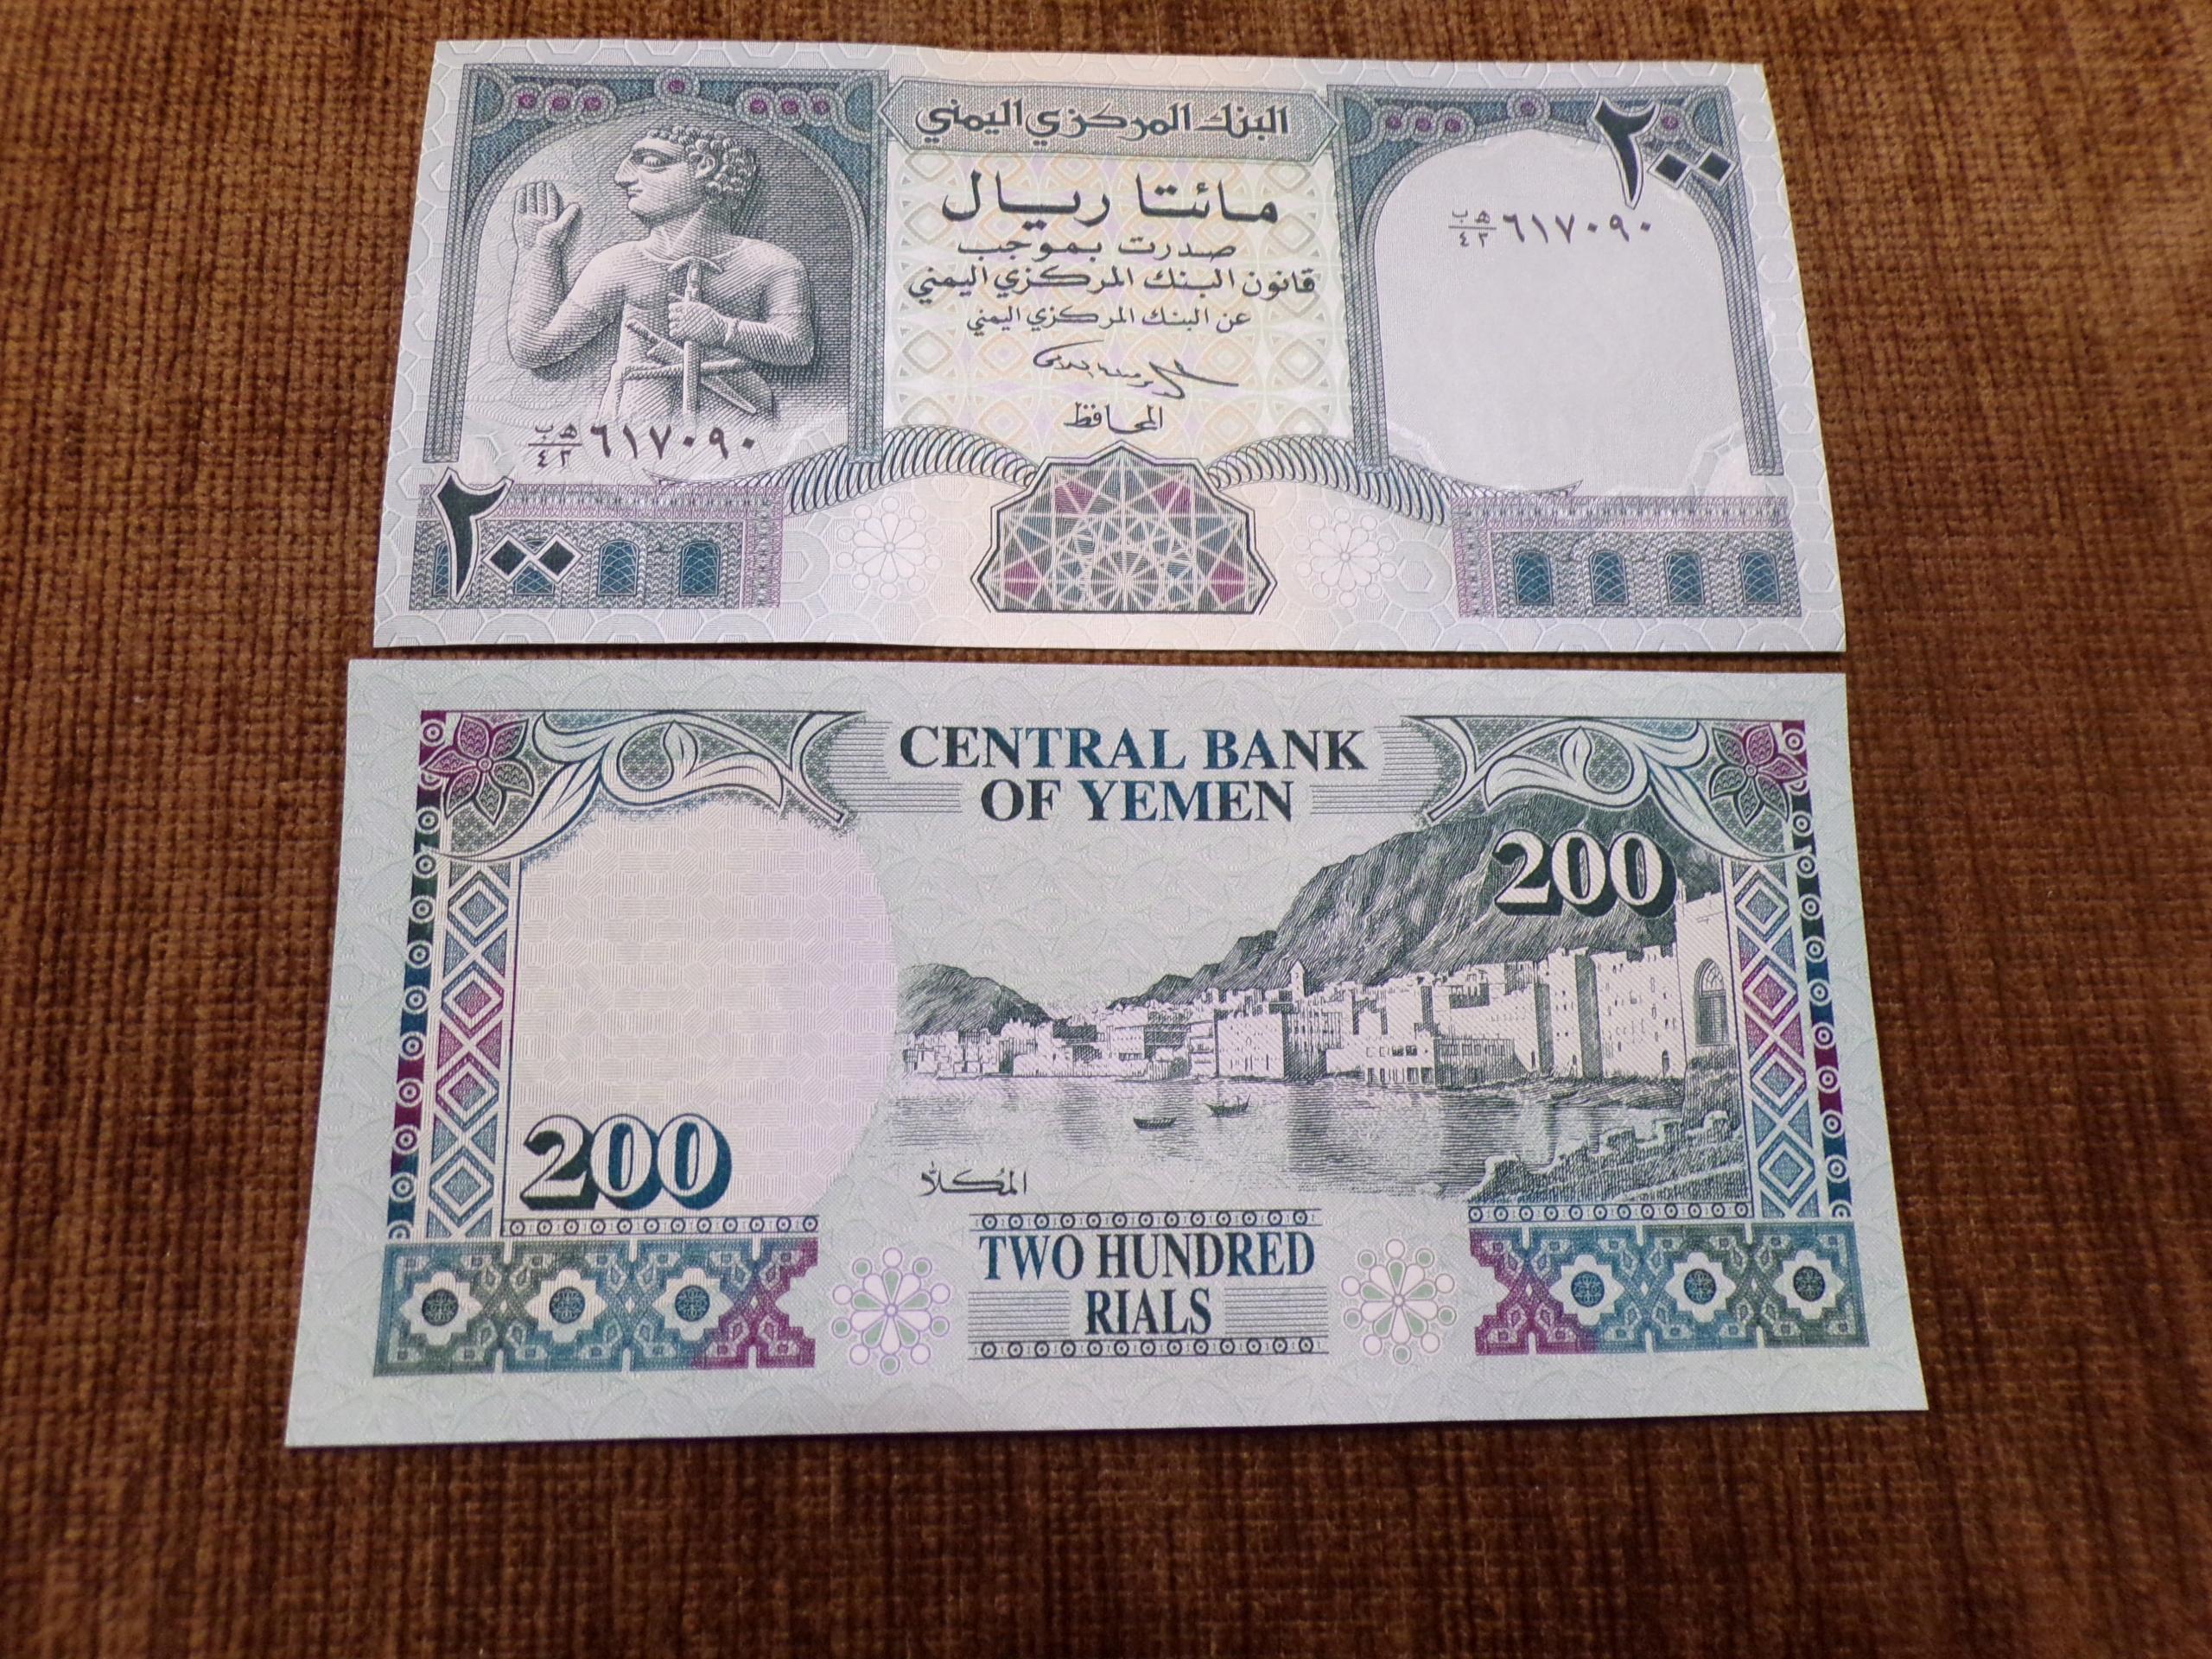 704-ЙЕМЕН 200 РИАЛОВ UNC